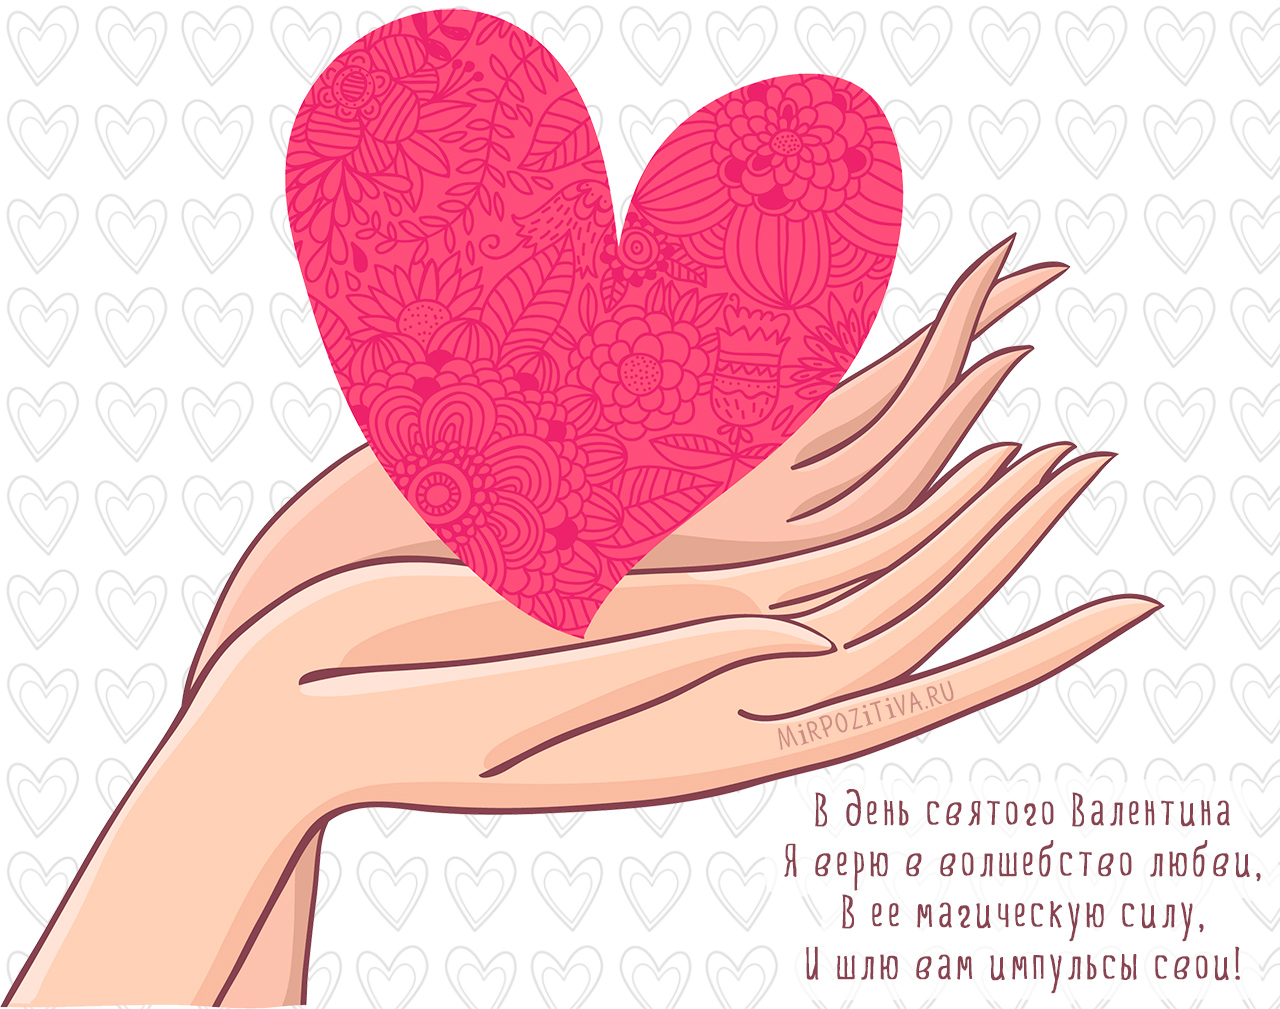 В день святого Валентина Я верю в волшебство любви, В ее магическую силу, И шлю вам импульсы свои!